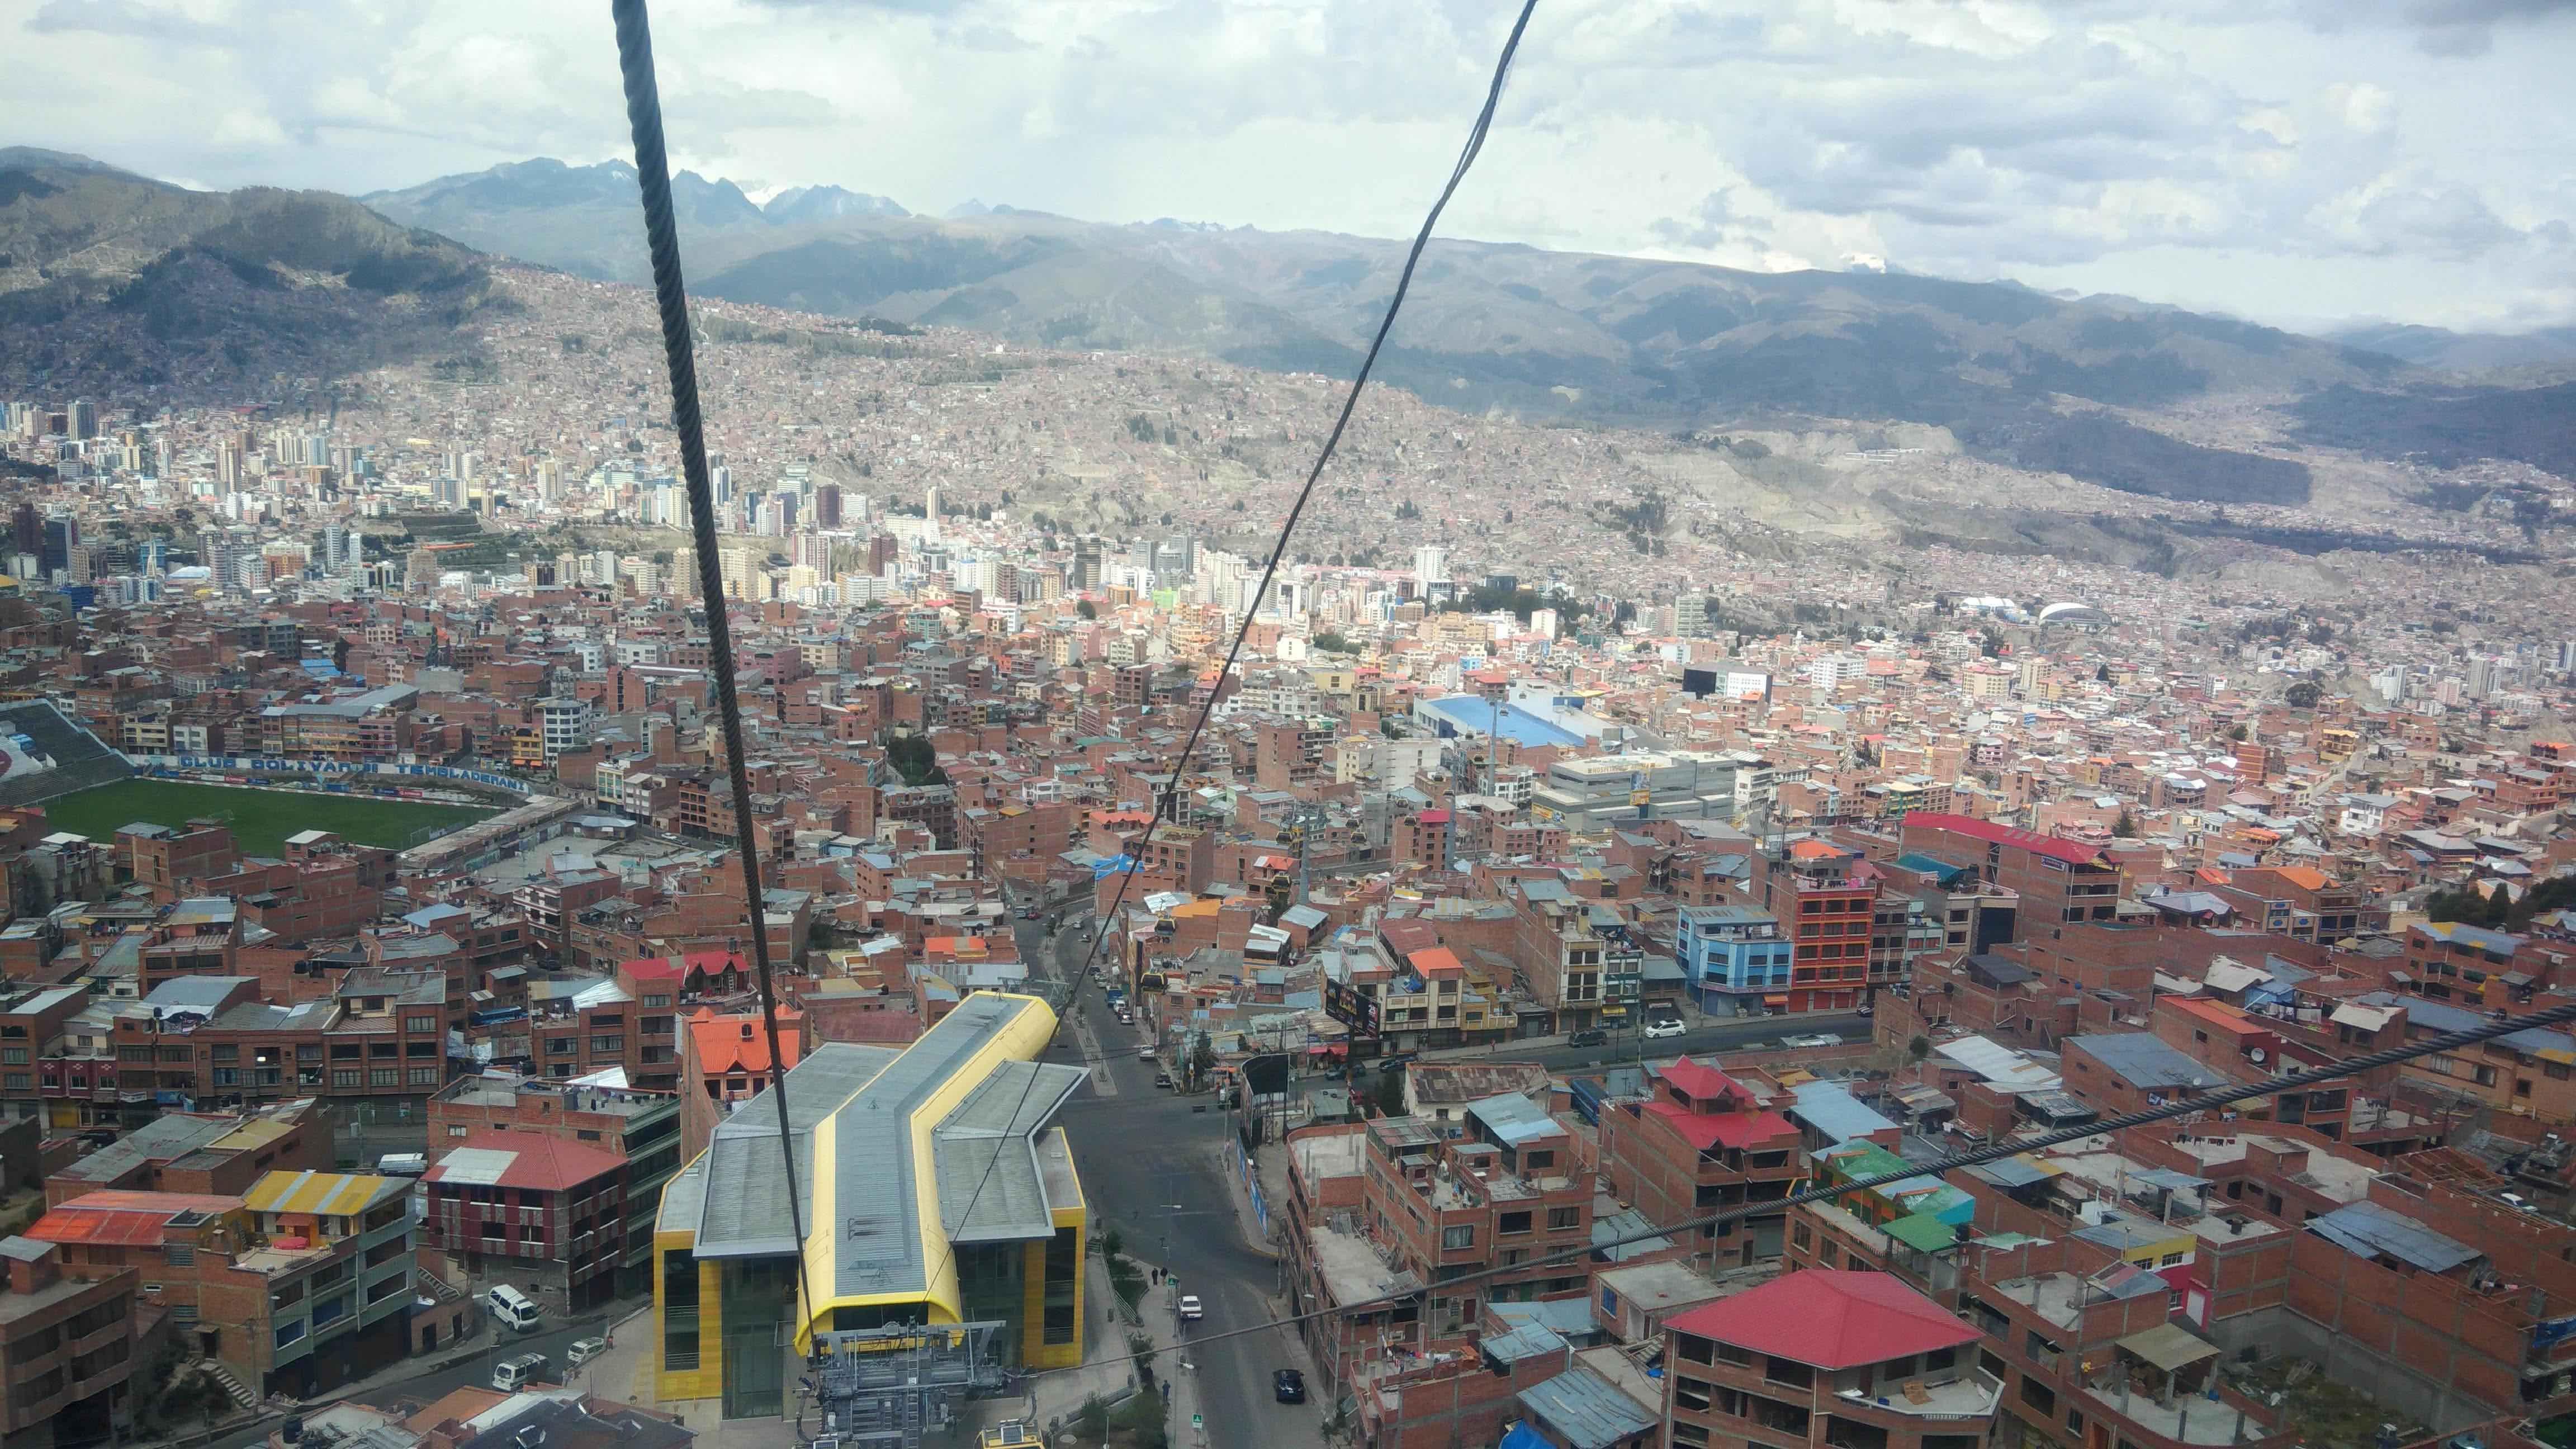 004 0511 La Paz 23jpeg